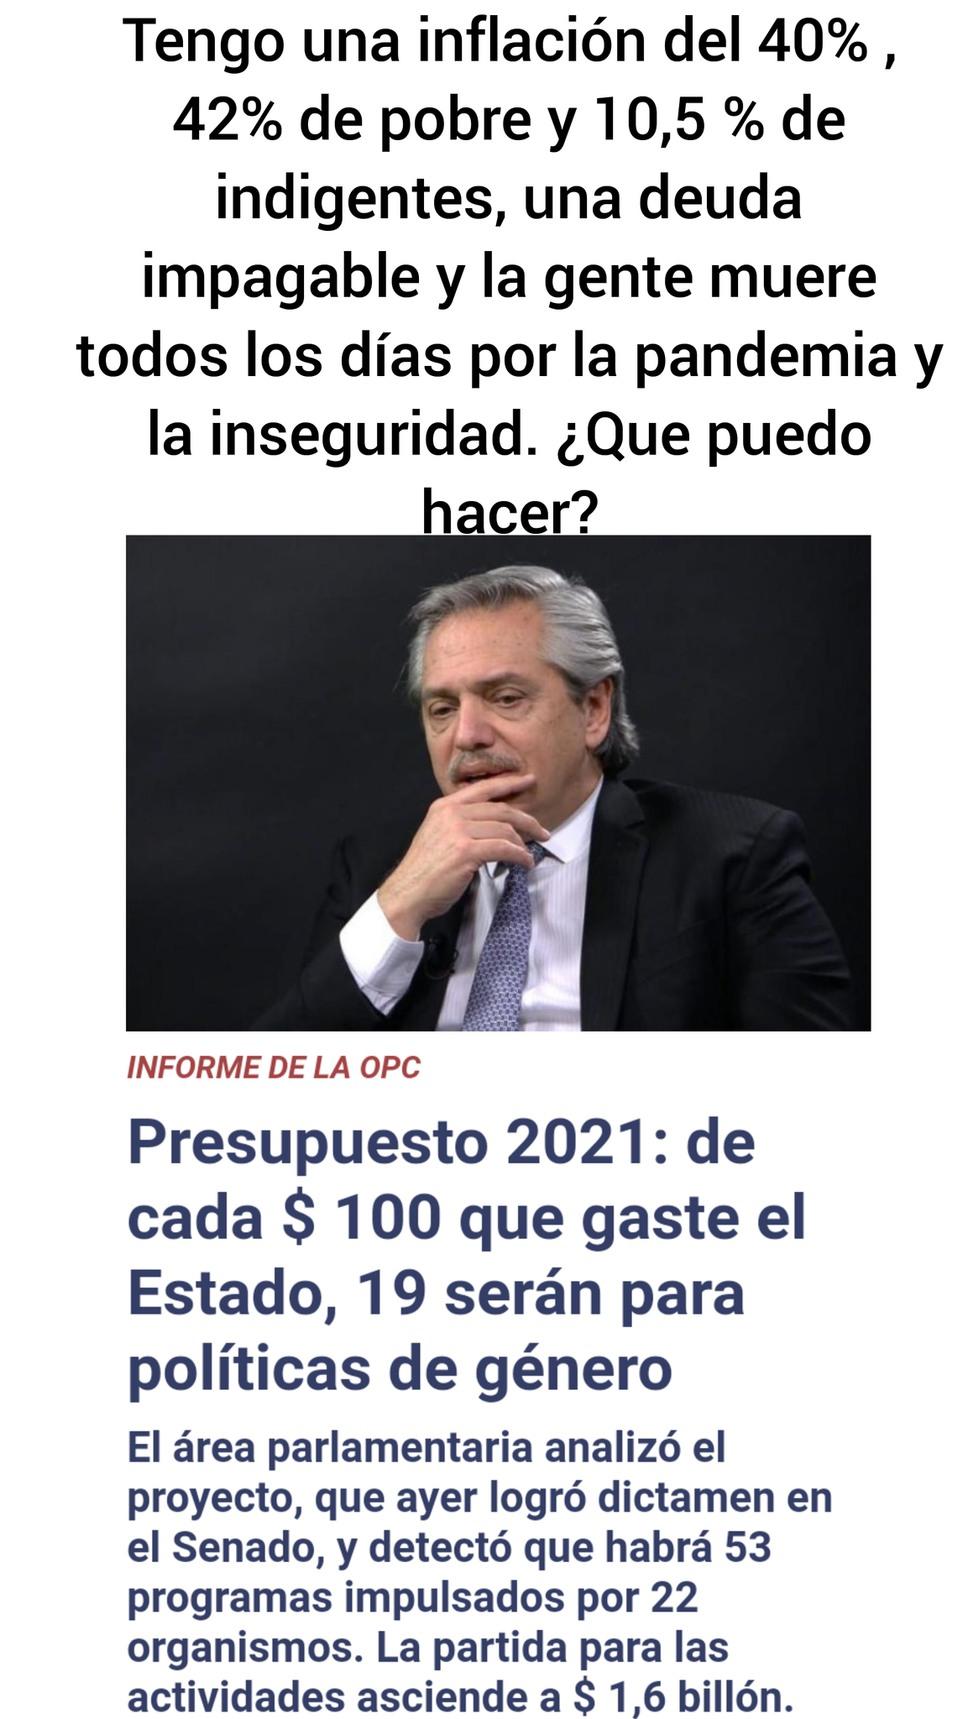 Argentina es del primer mundo - meme